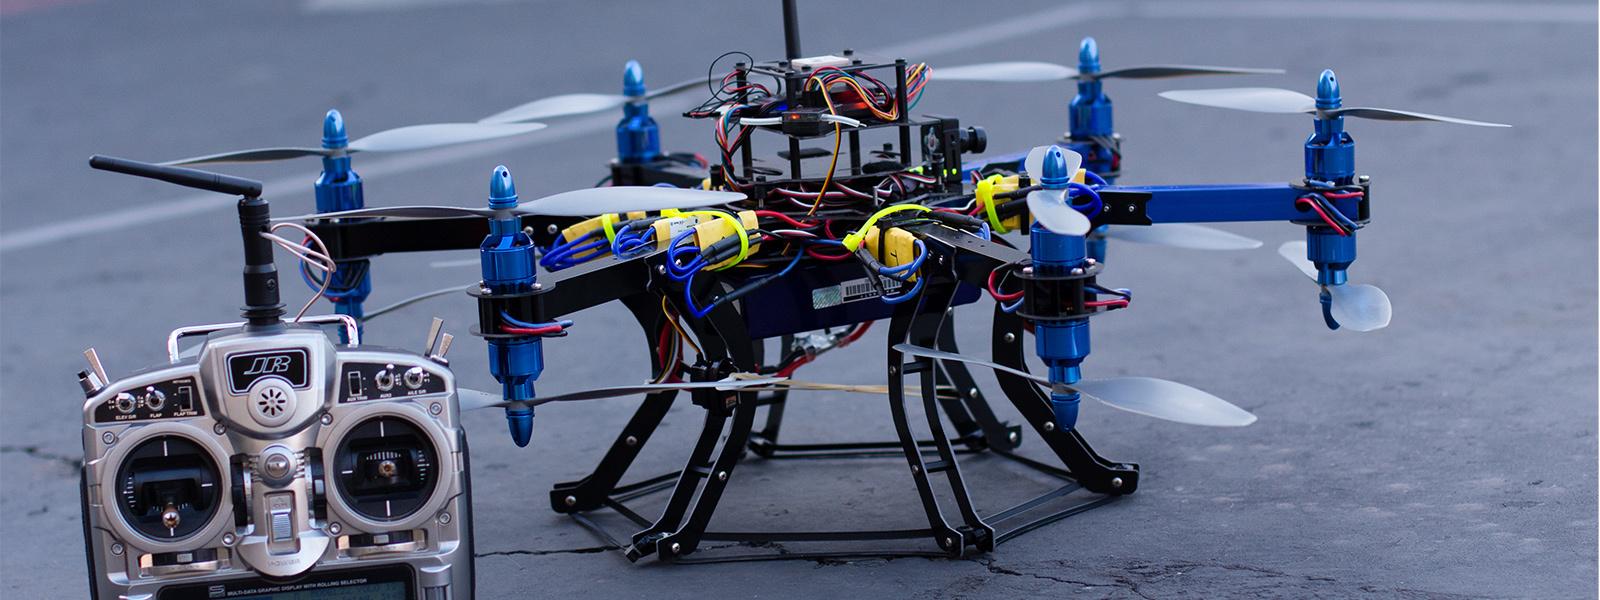 Как дроны стали мейнстримом